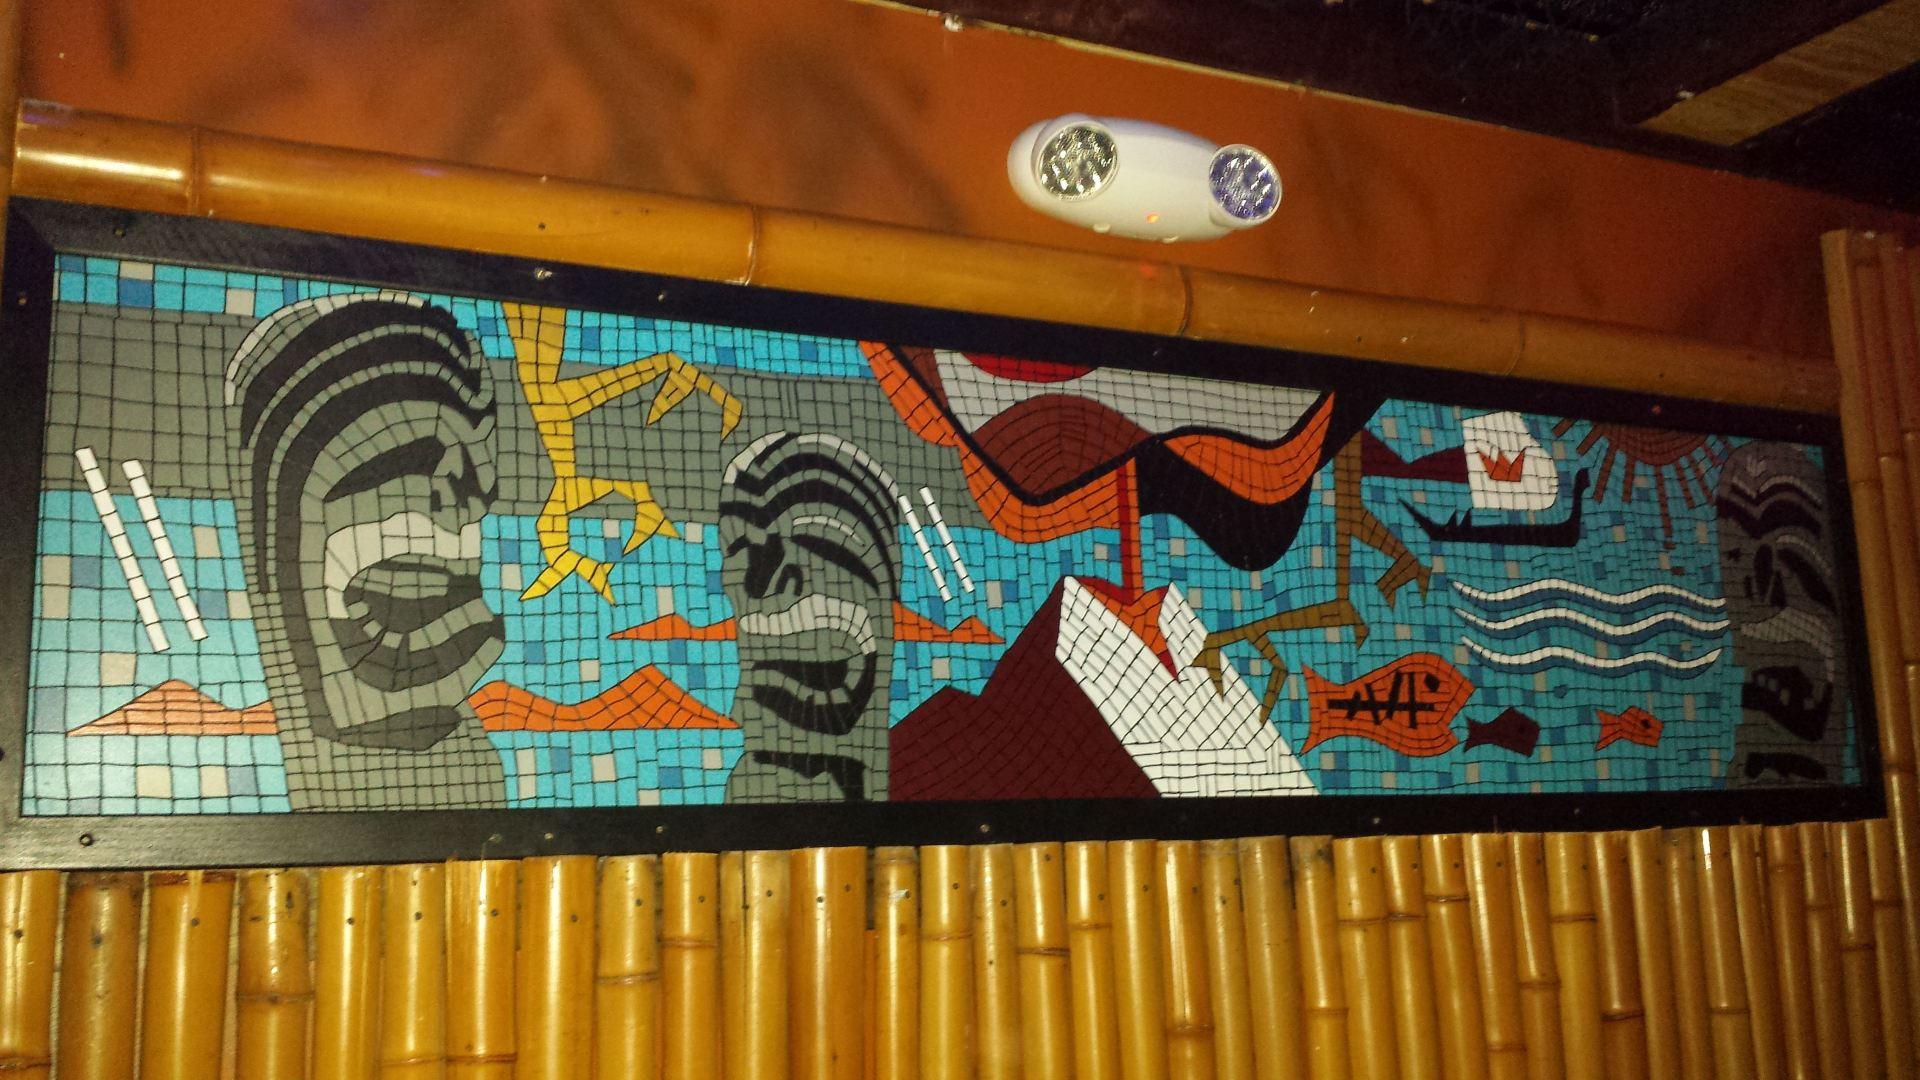 Tile mosaic at Lucky Joe's in Milwaukee